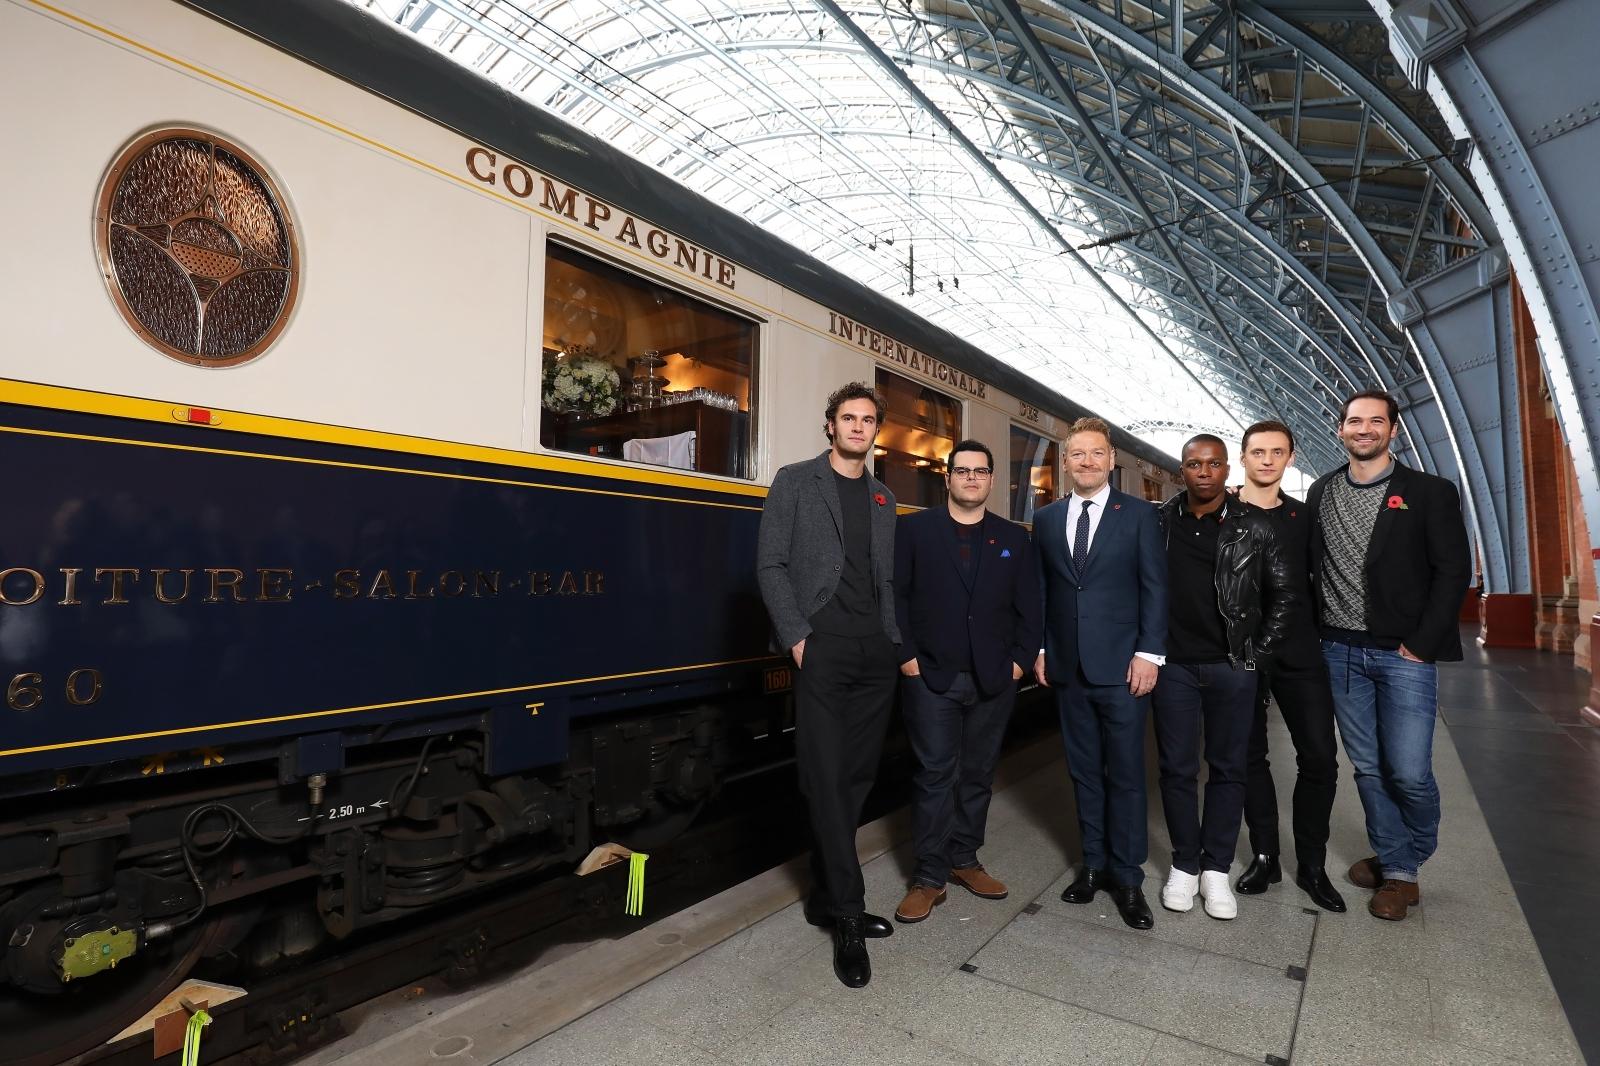 左から、トム・ベイトマン、ジョシュ・ギャッド、ケネス・ブラナー、レスリー・オドム・ジュニア、セルゲイ・ポルーニン、マヌエル・ガルシア=ルルフォ セント・パンクラス駅に登場したオリエント急行